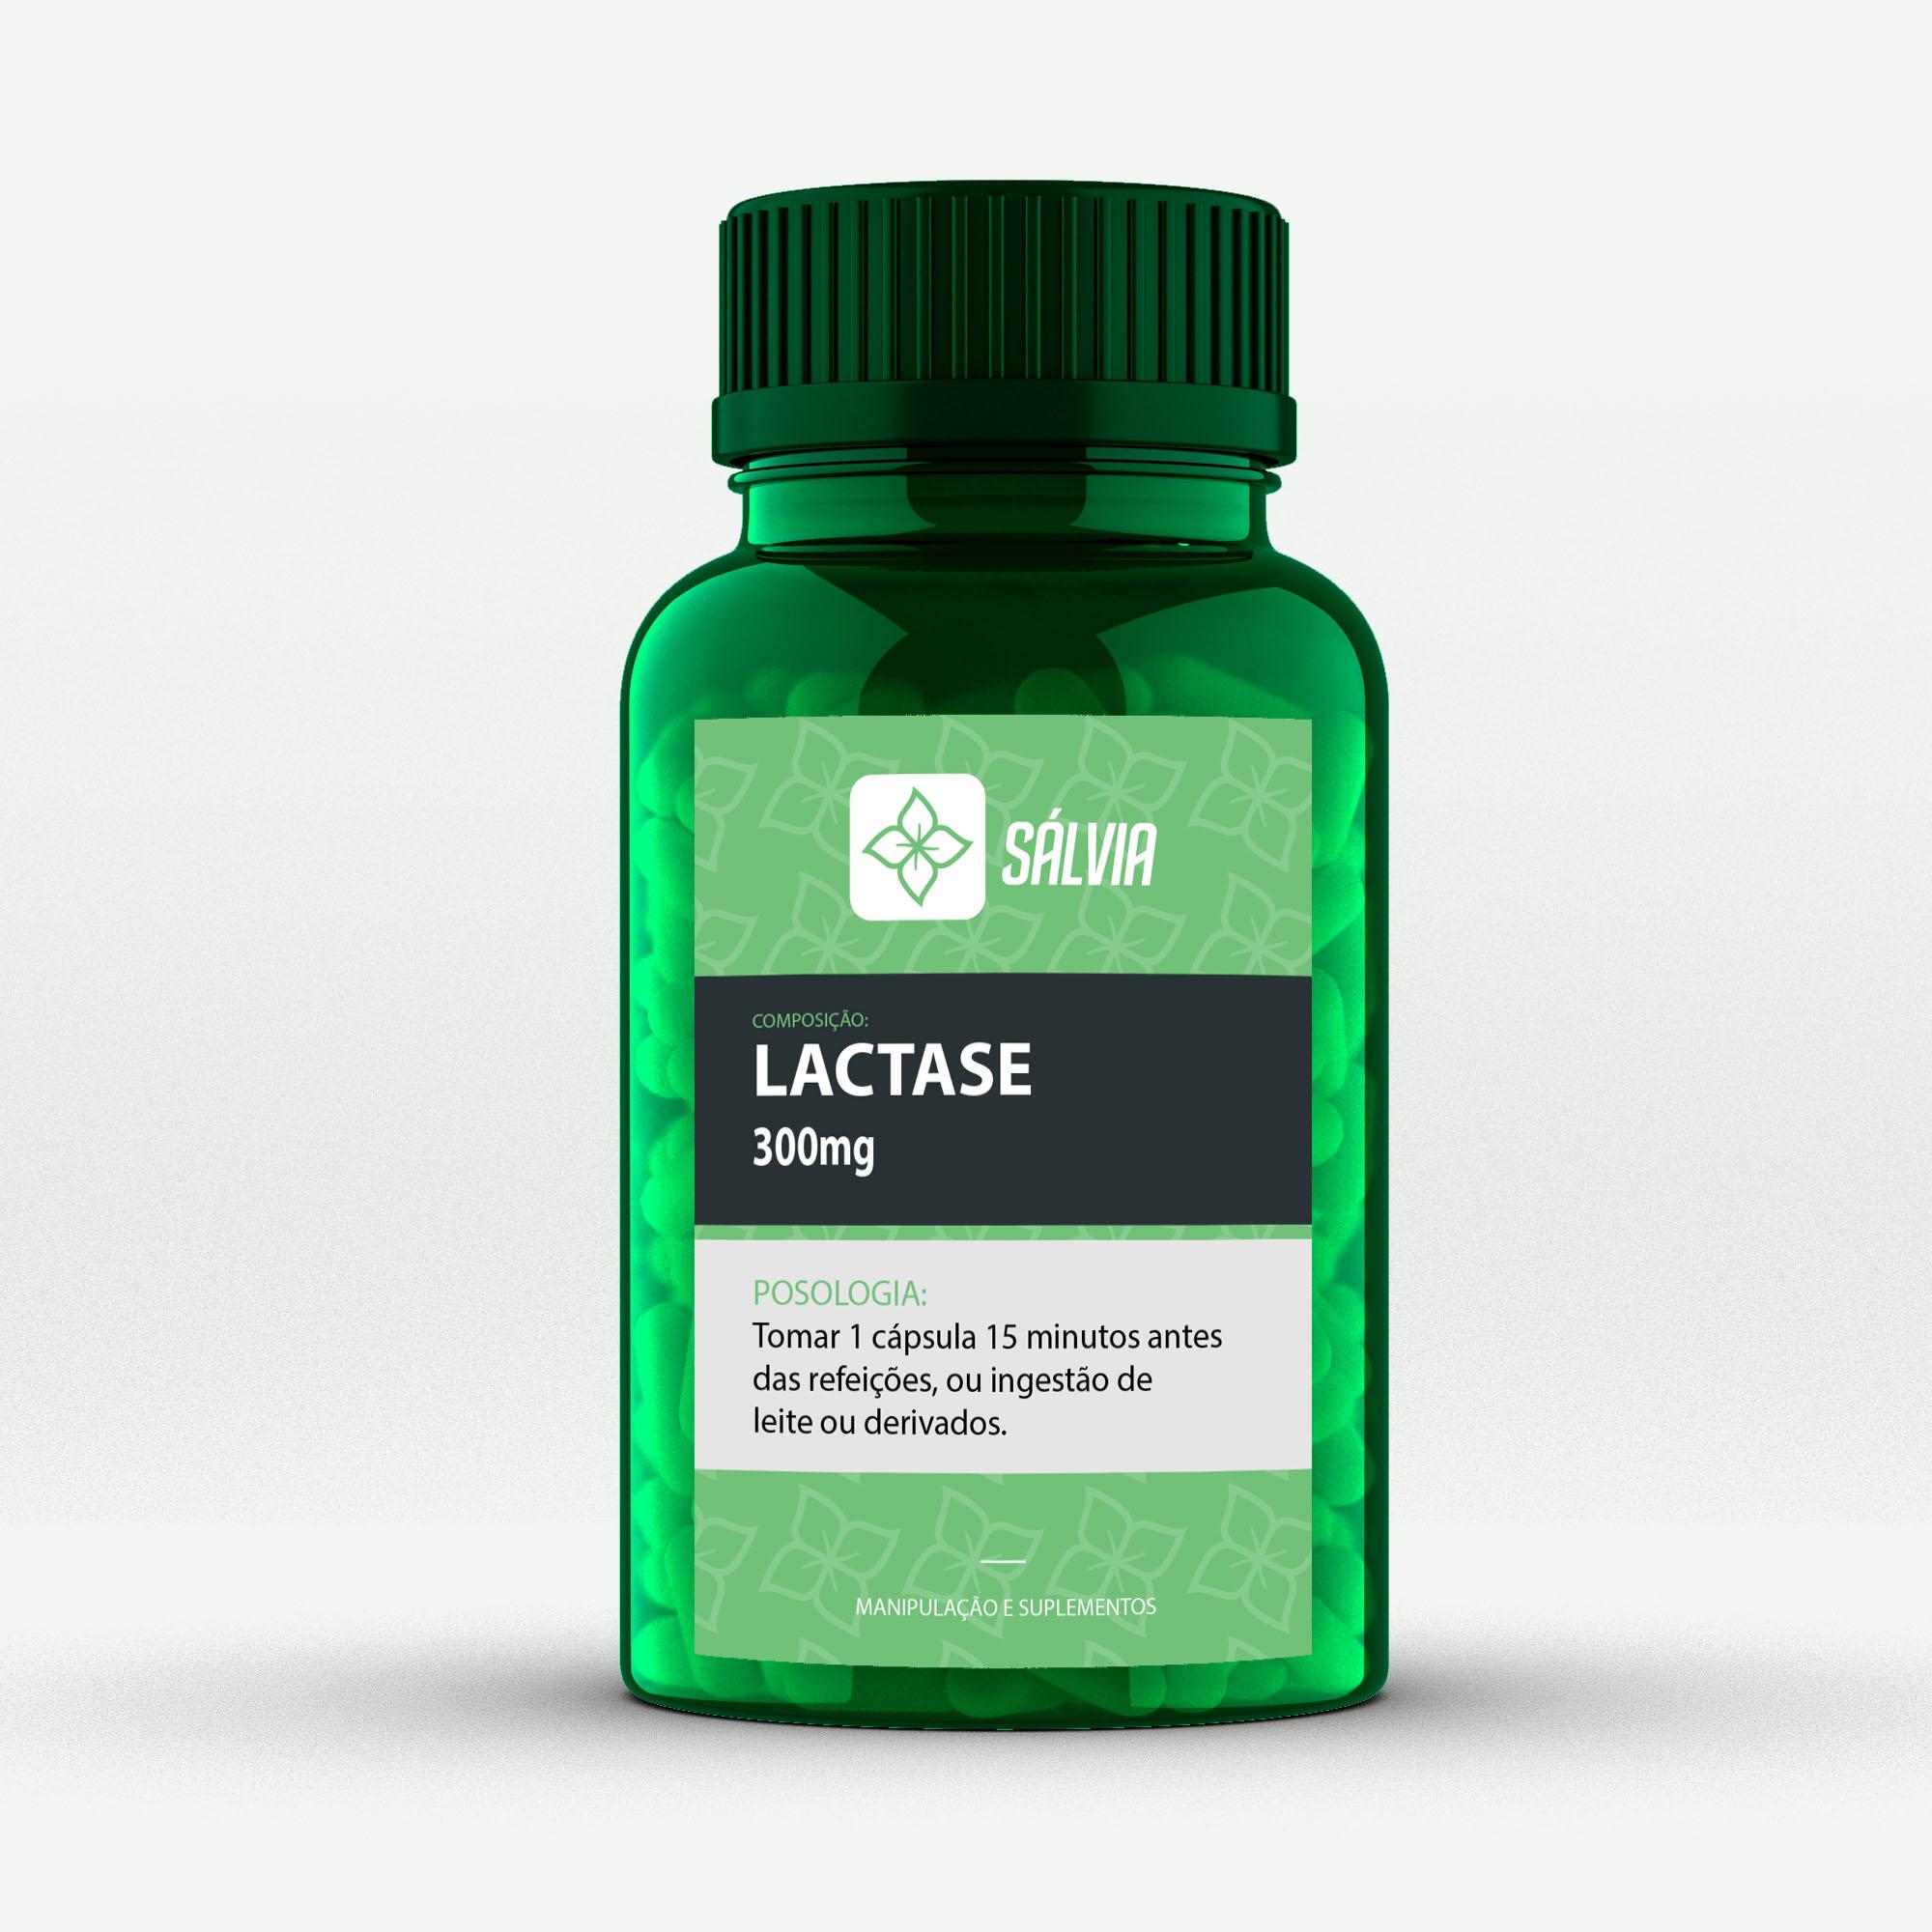 LACTASE 300mg – Cápsulas